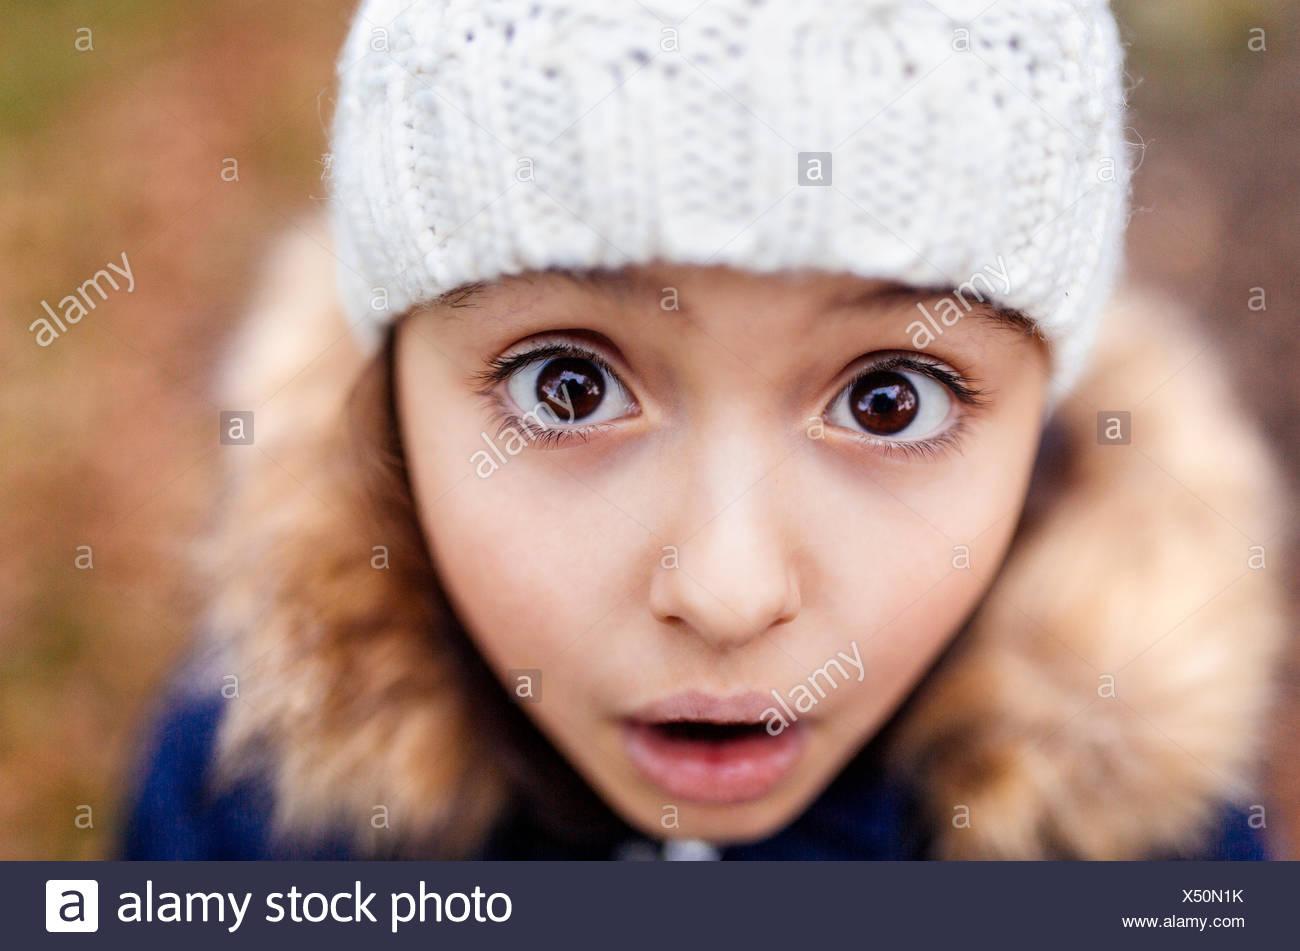 Portrait de petite fille avec les yeux grand ouverts Photo Stock